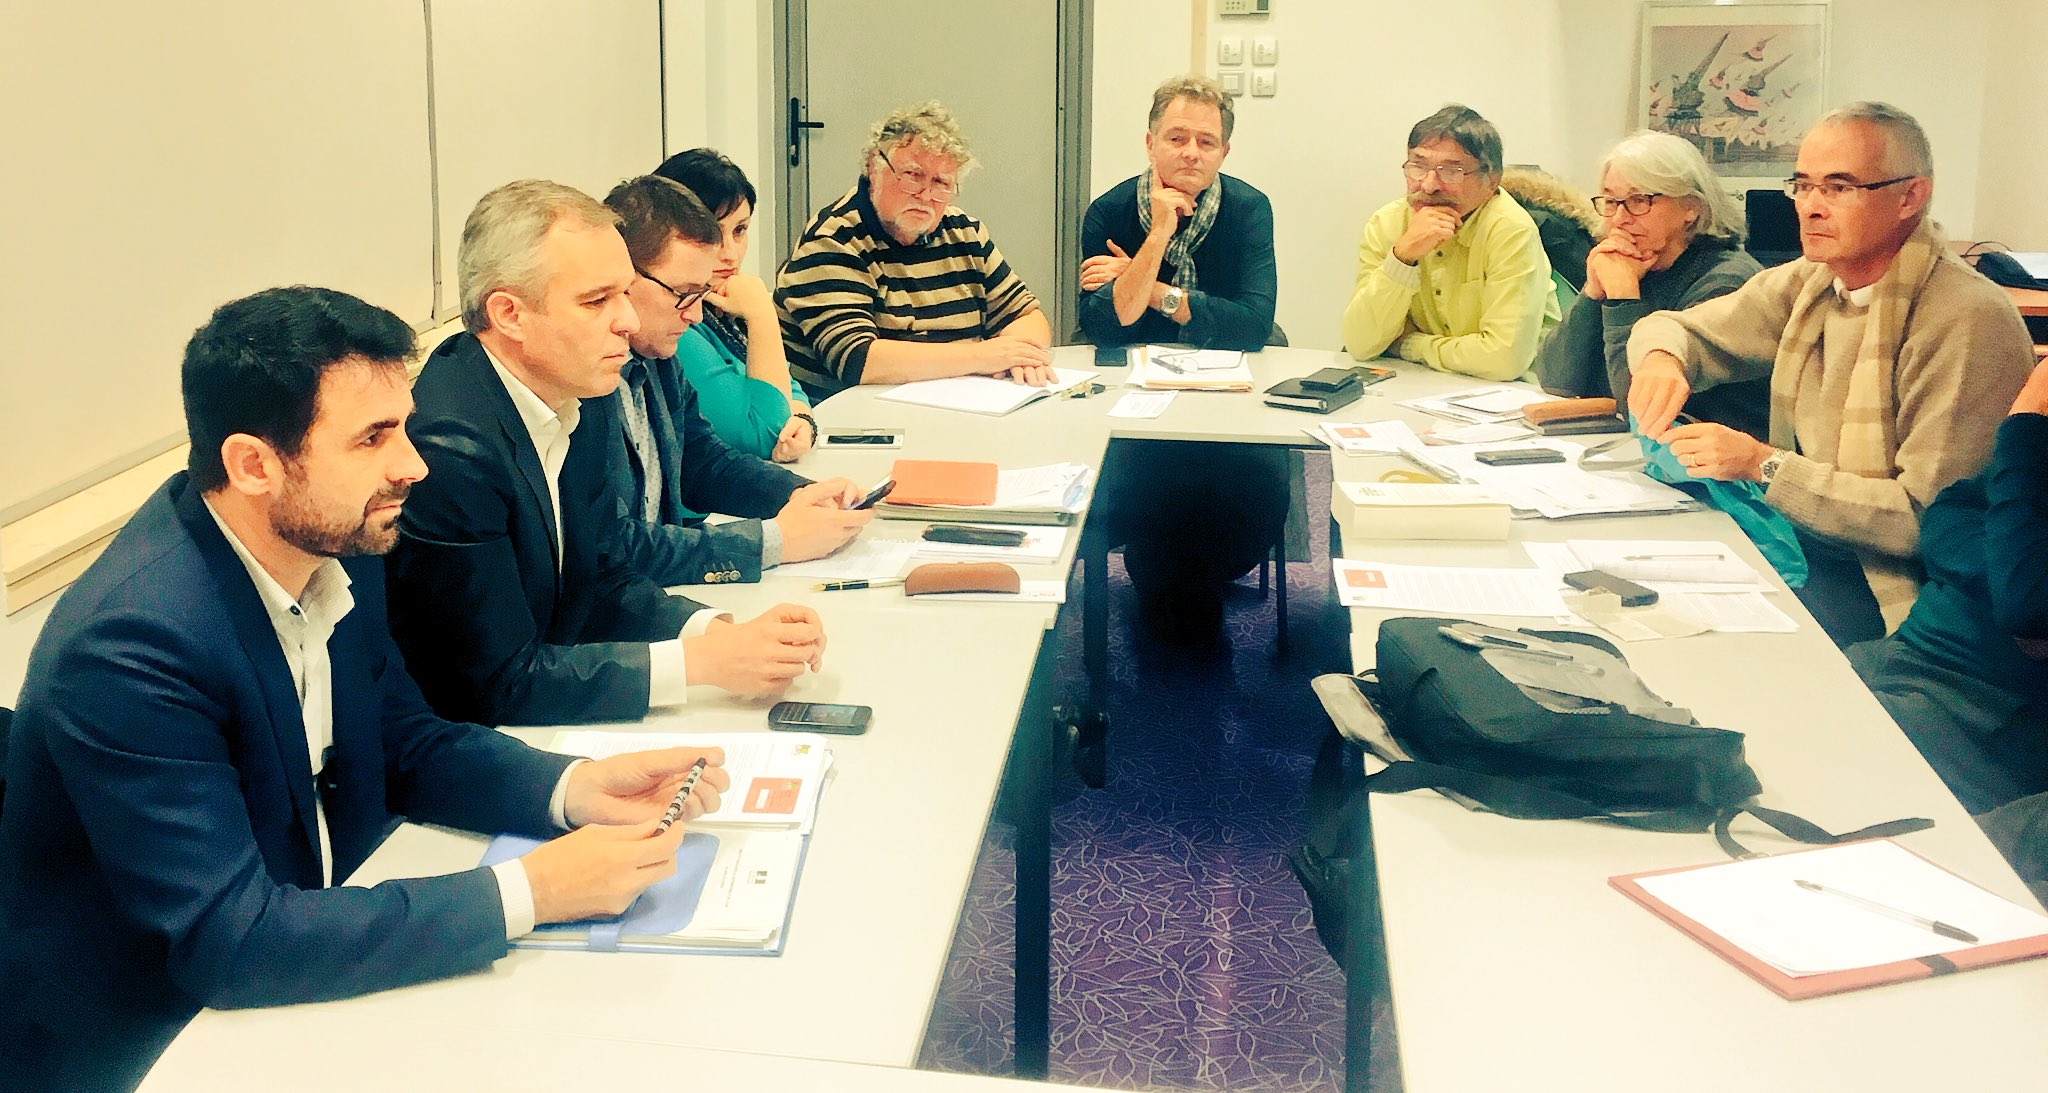 Réunion de travail des élus .@OrvaultPS et @ecologistes_fr avec .@FdeRugy #orvault #PS #PrimaireGauche @C_Angomard https://t.co/2abdqvv8WS